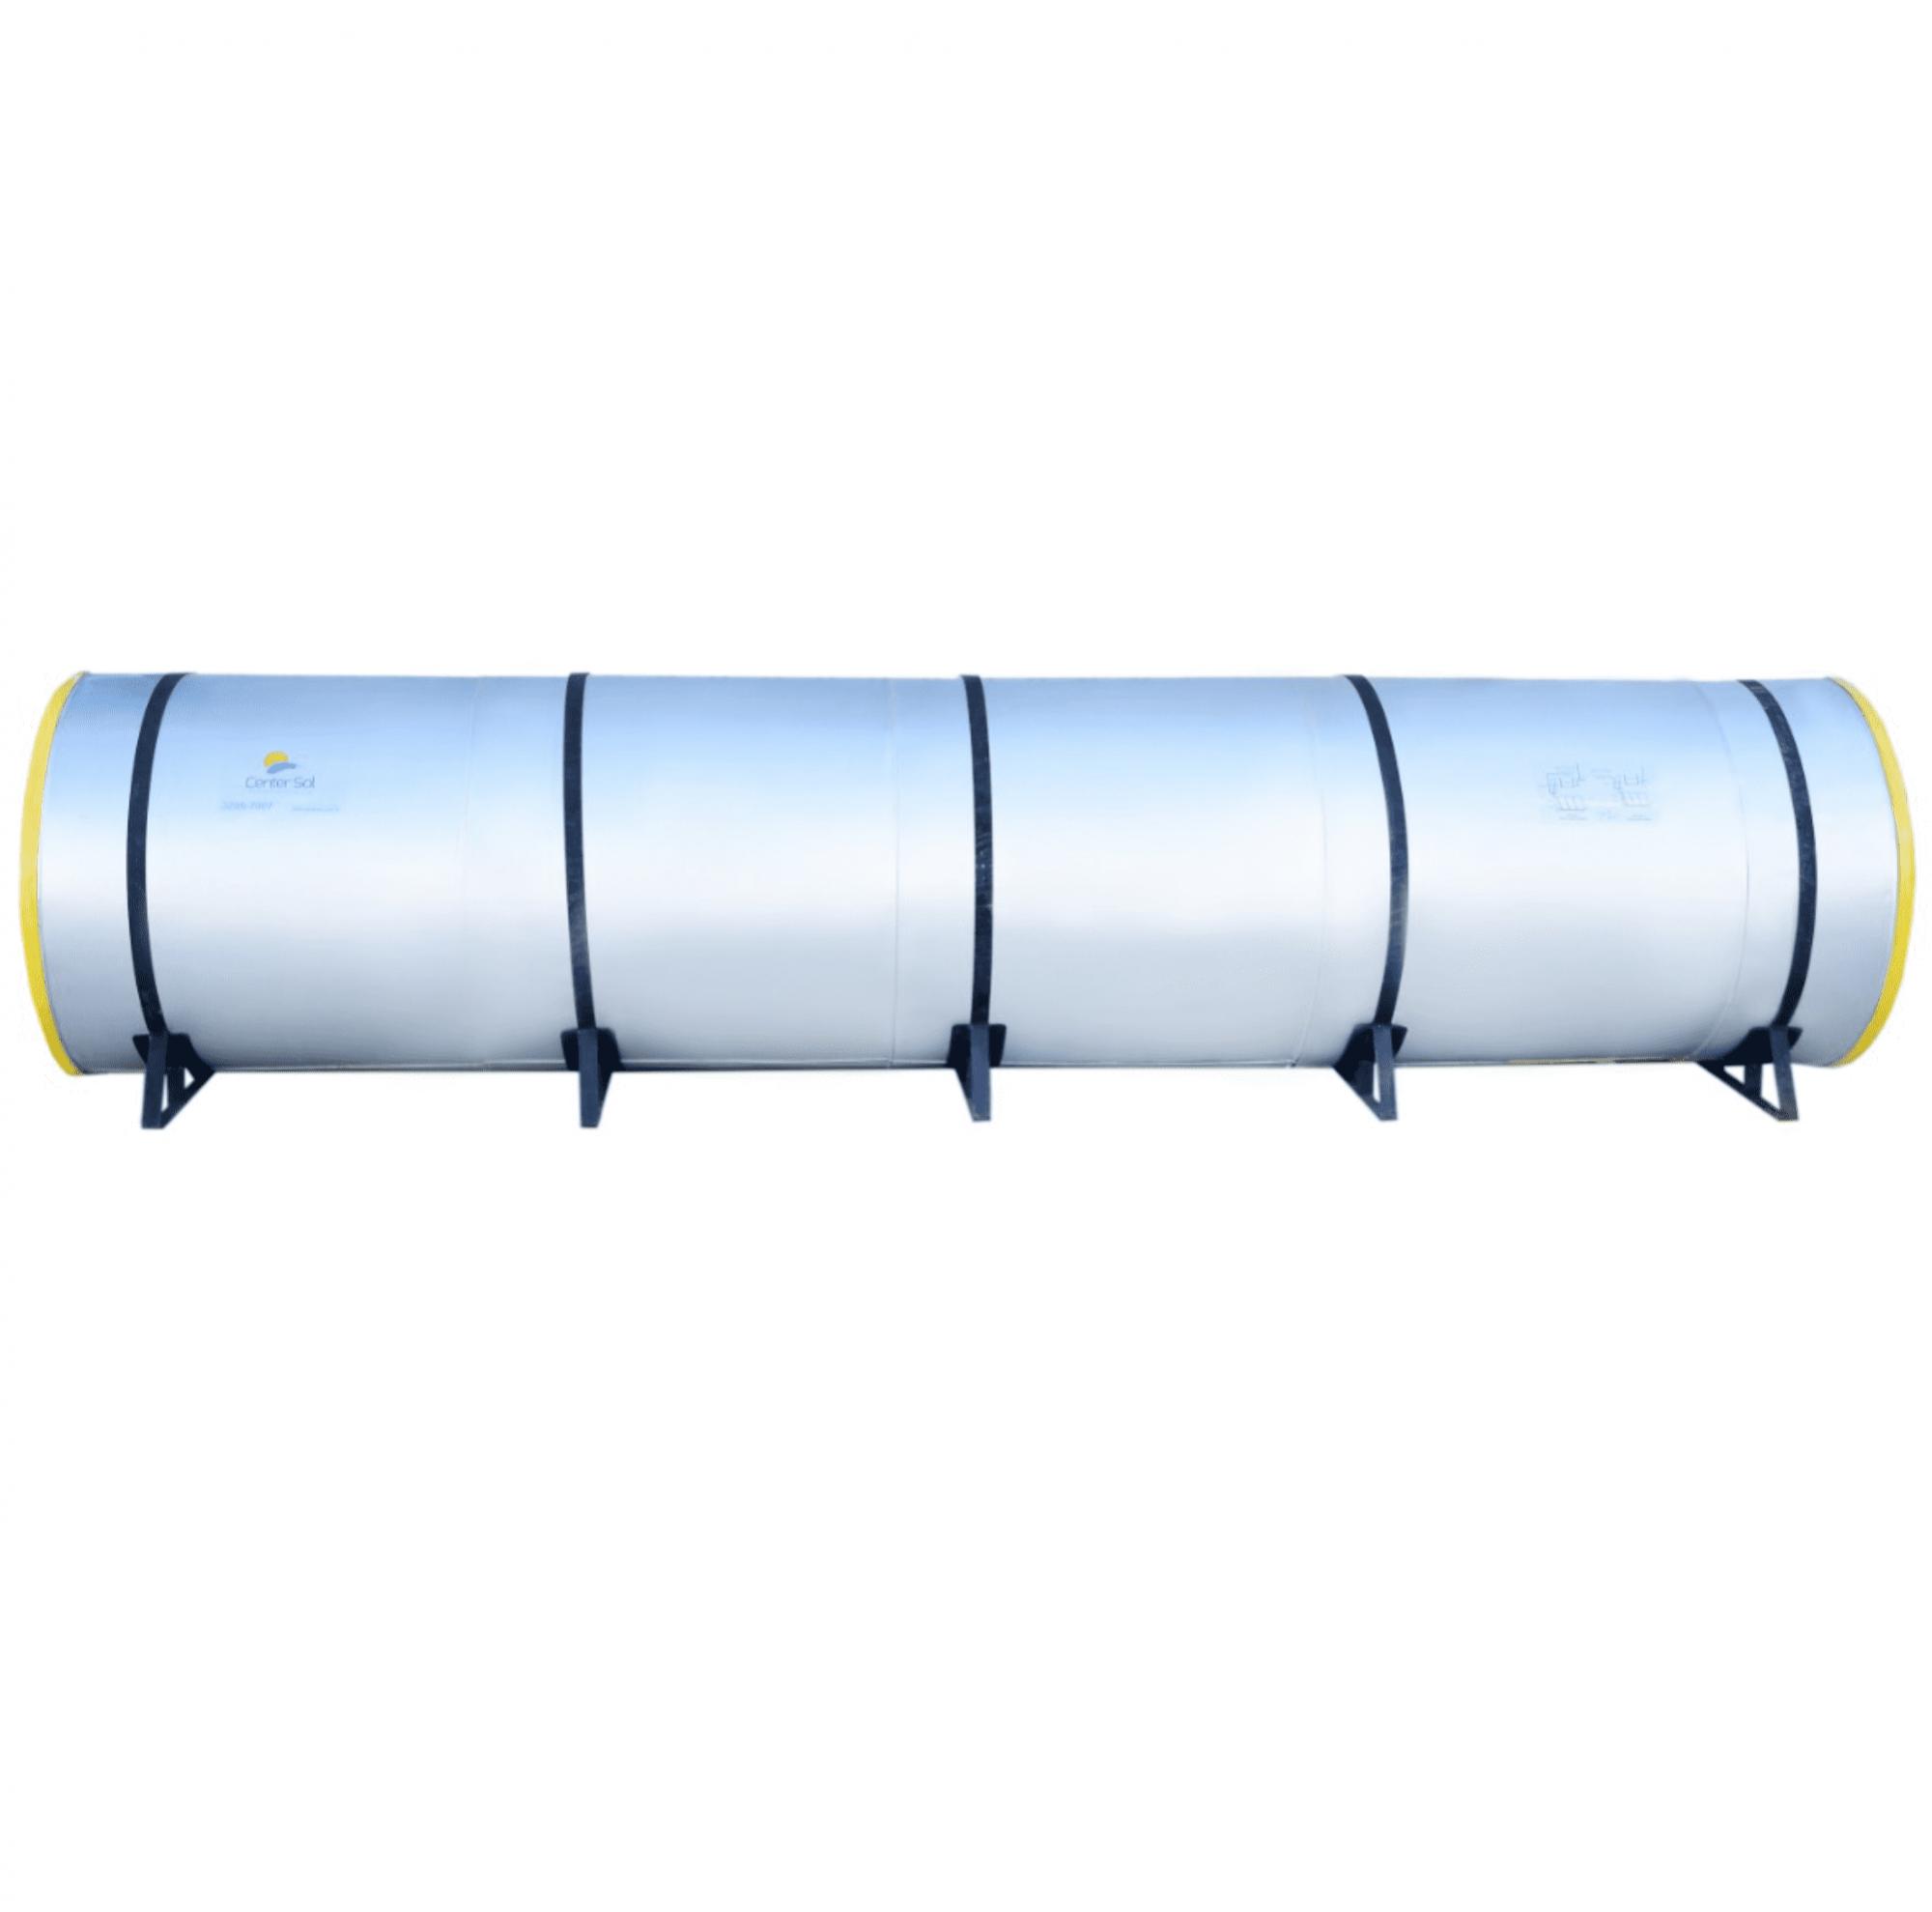 Boiler Para Aquecedor Solar 1500 Litros – Inox (Reservatório Térmico)